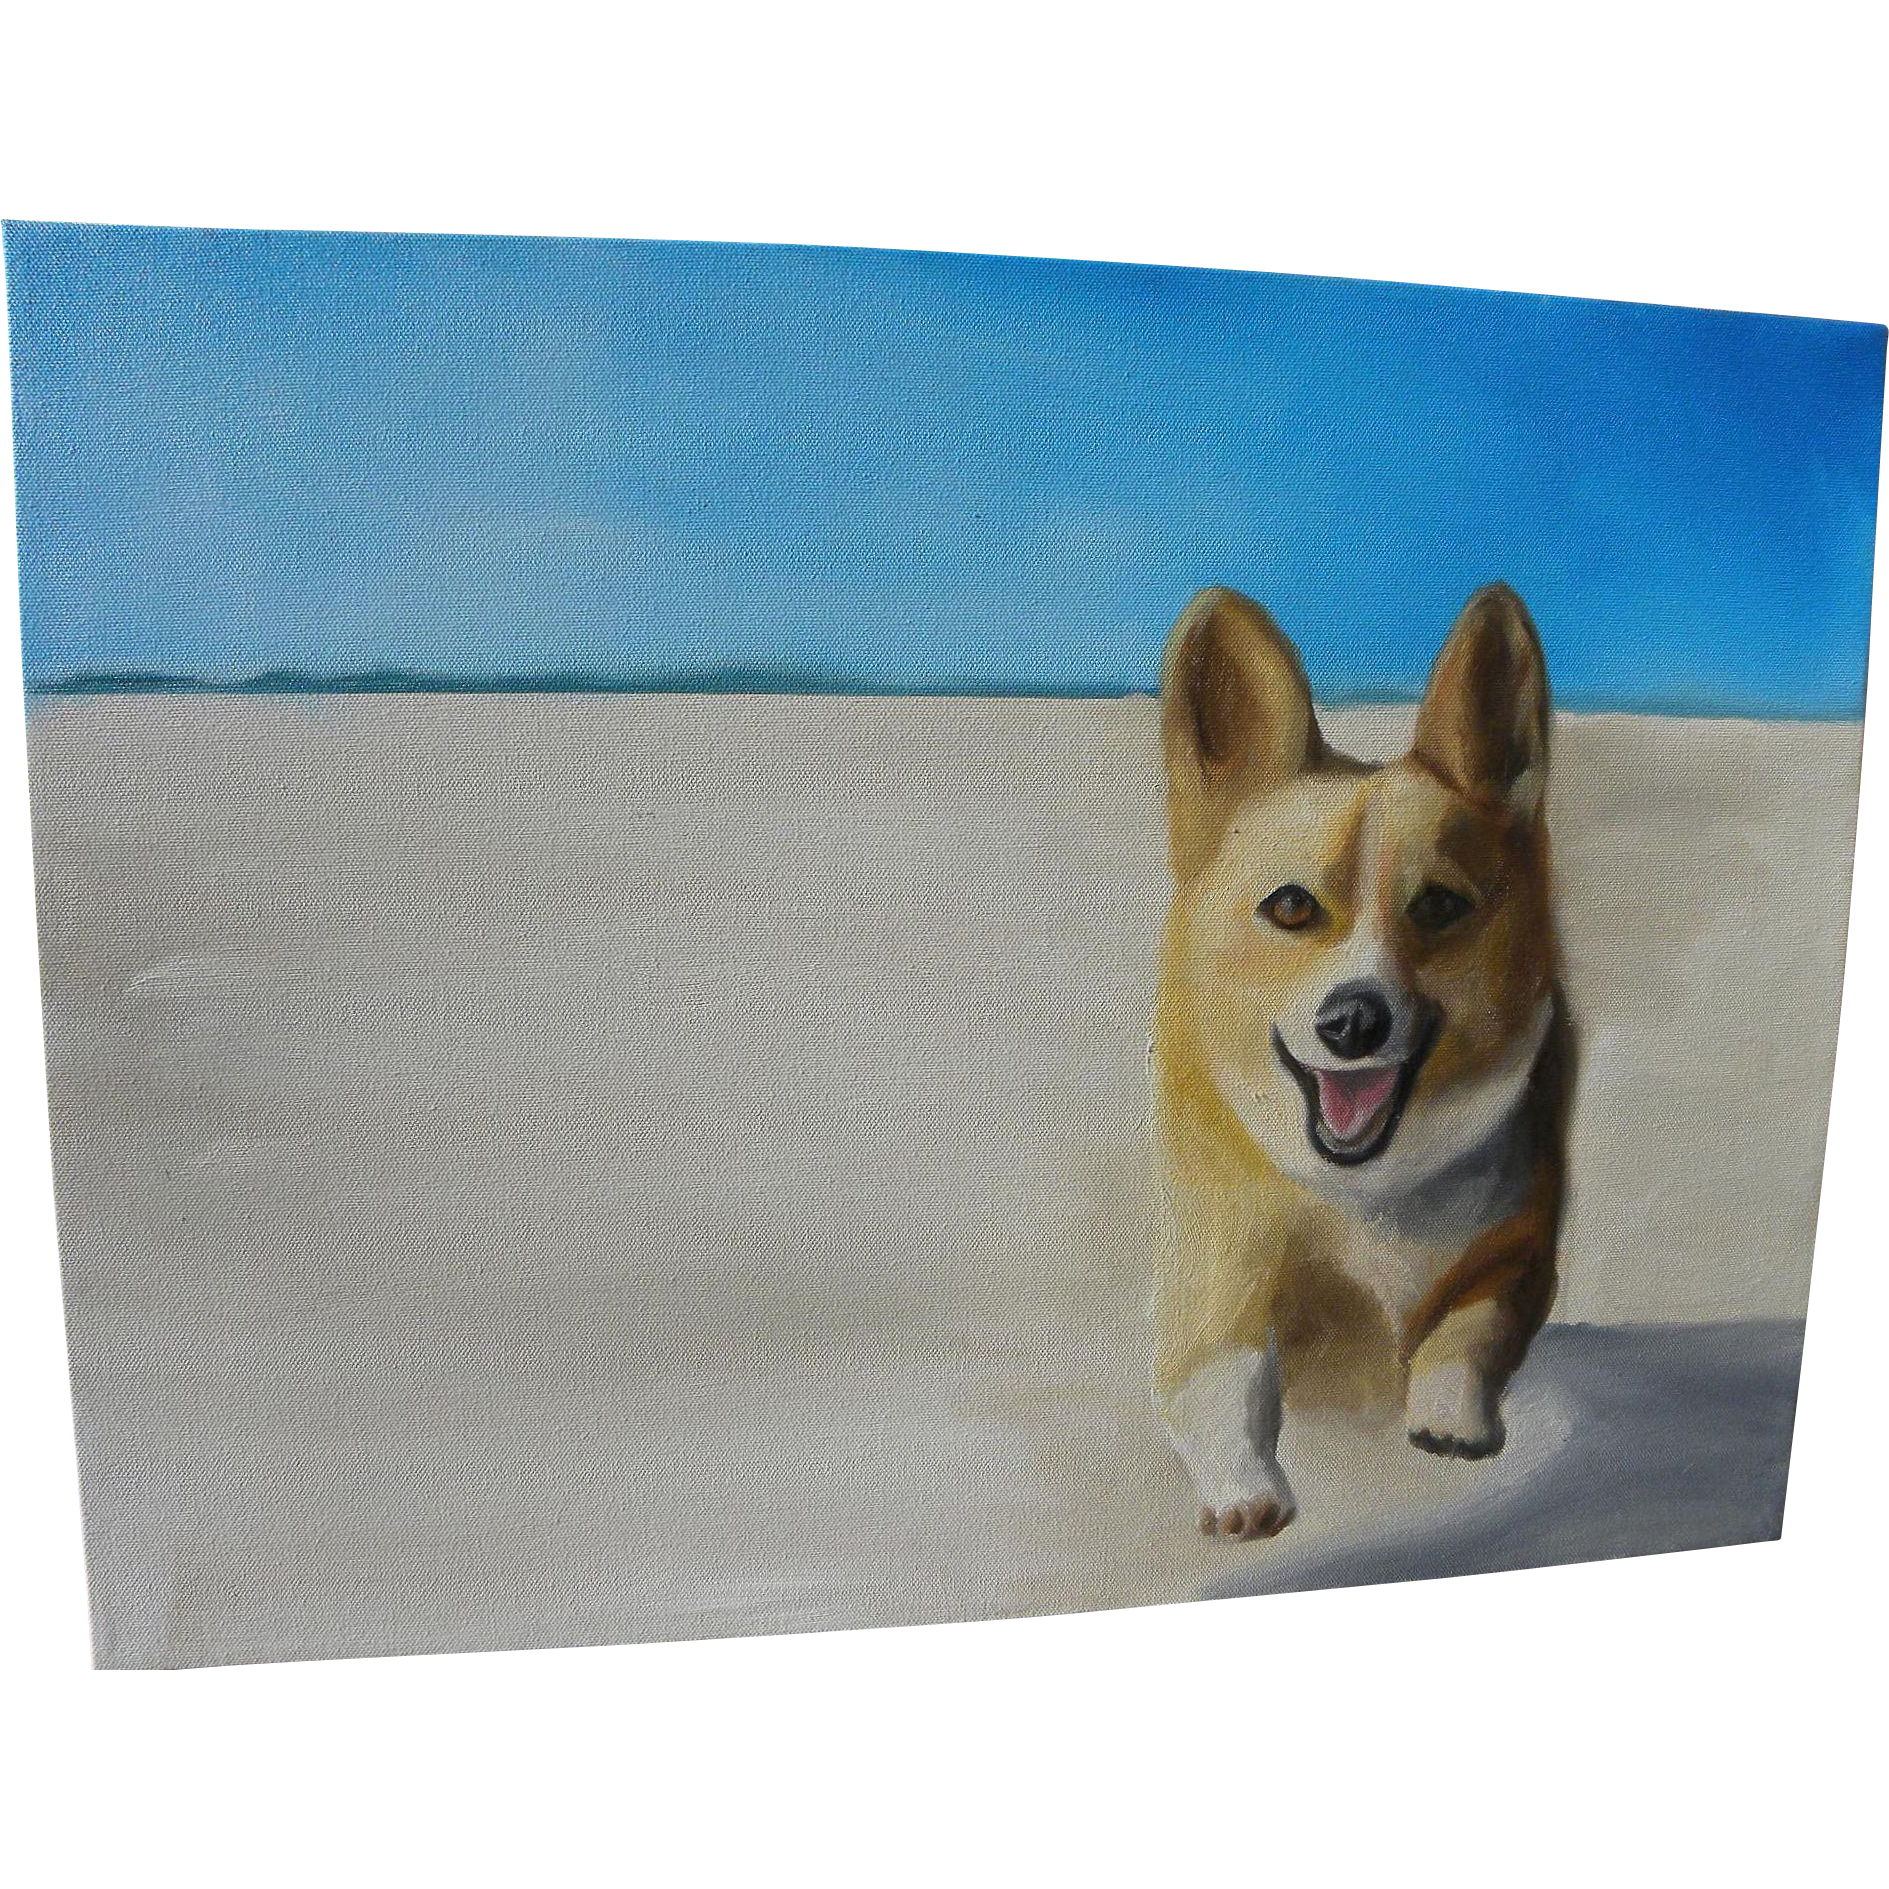 Contemporary painting of a corgi dog